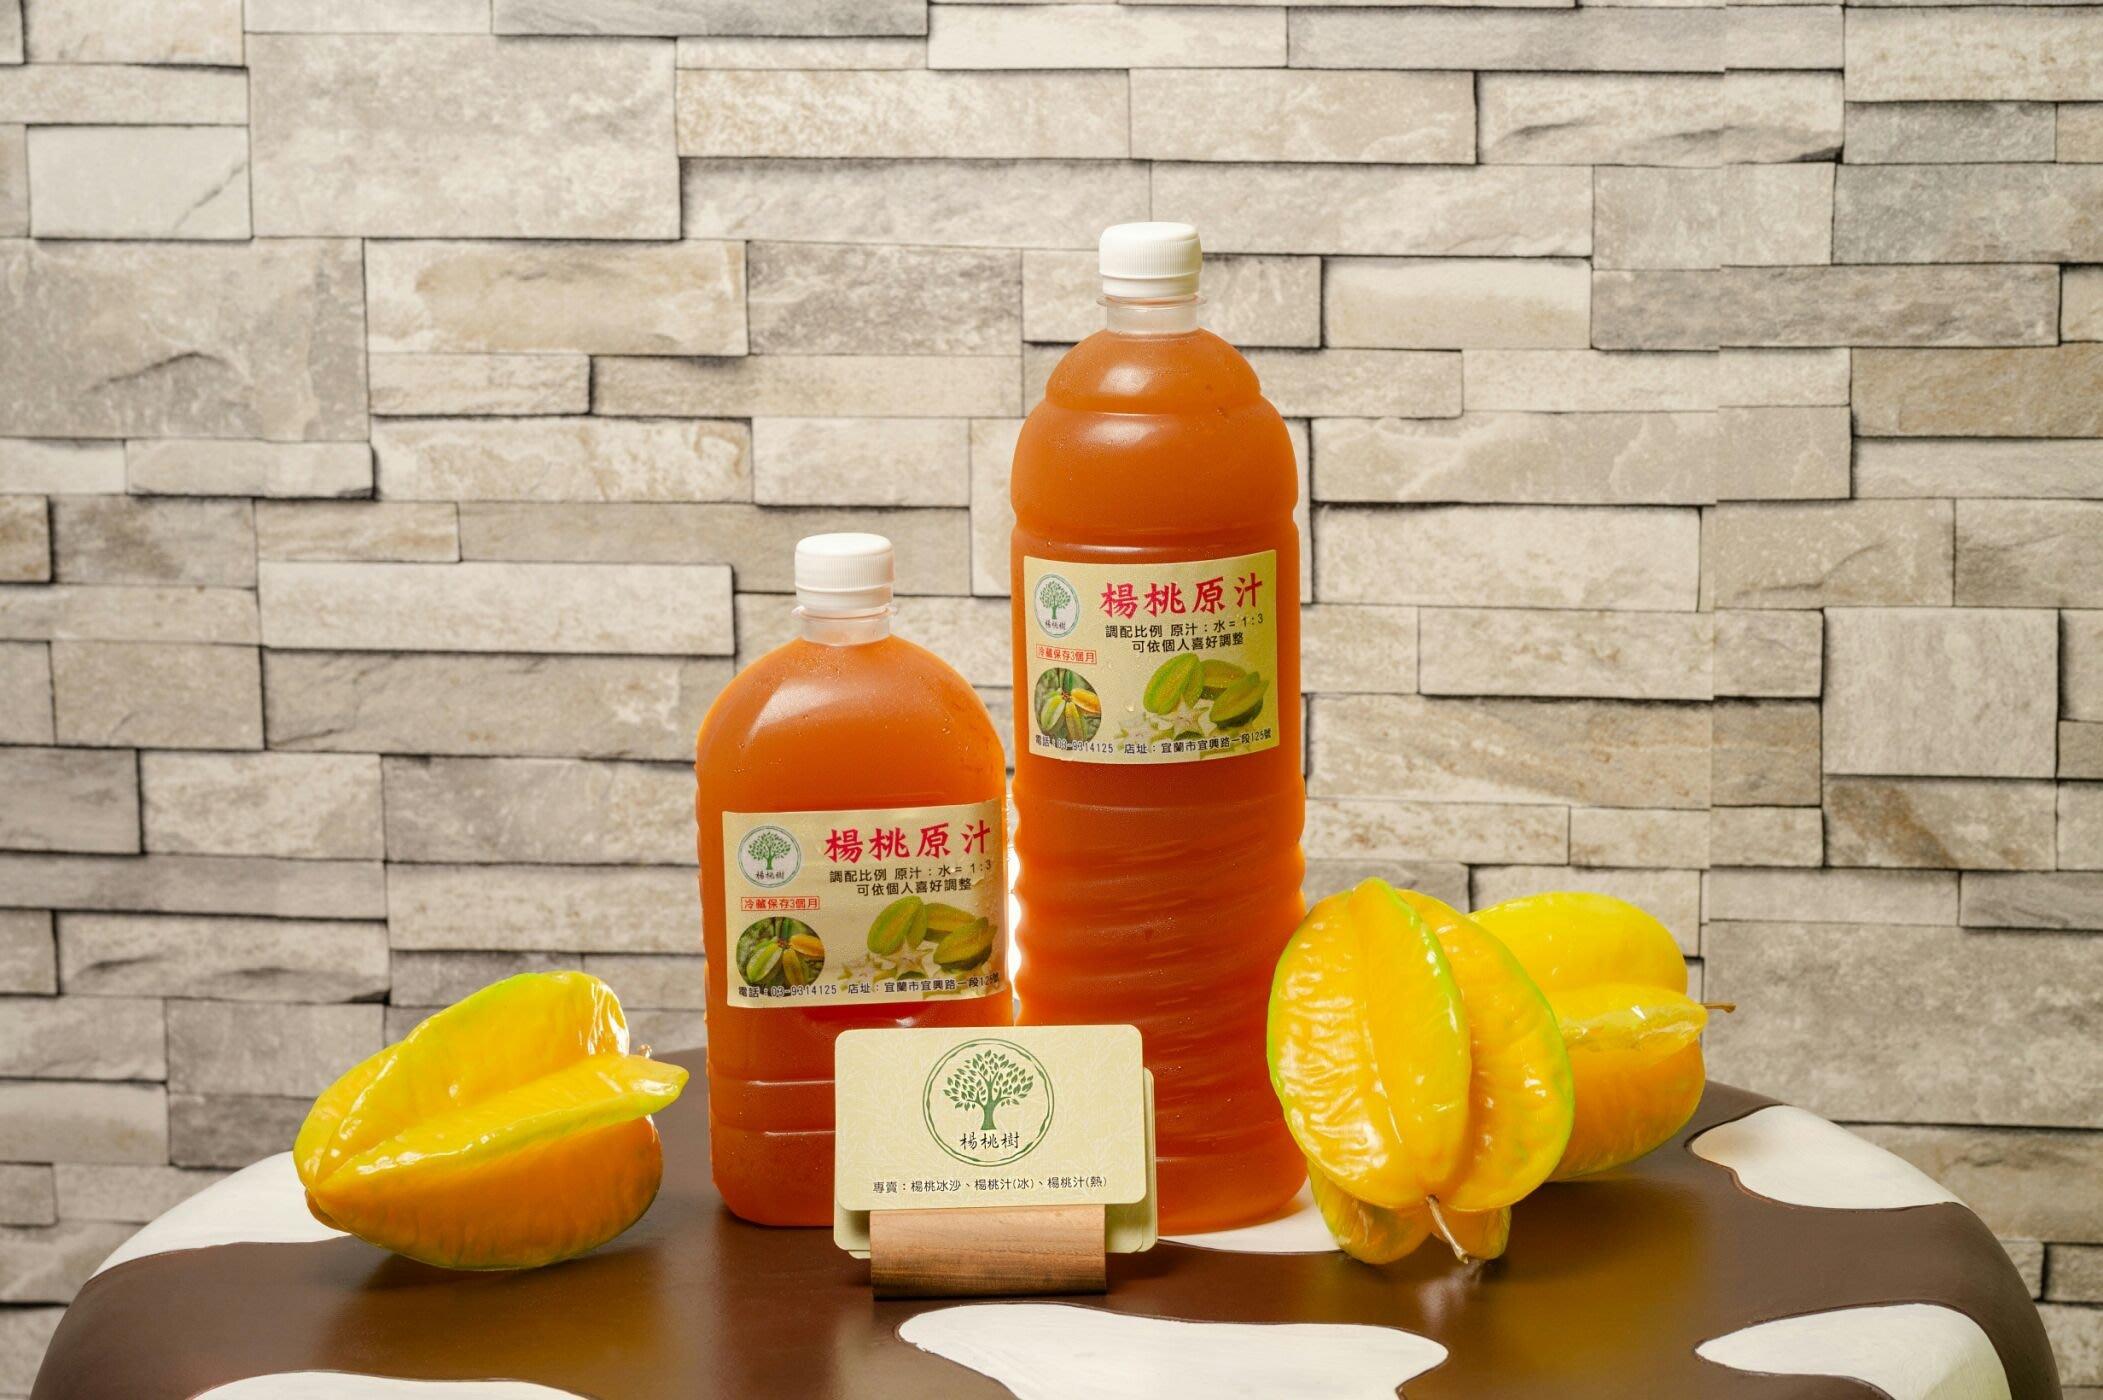 楊桃樹-楊桃原汁大瓶(1500cc)